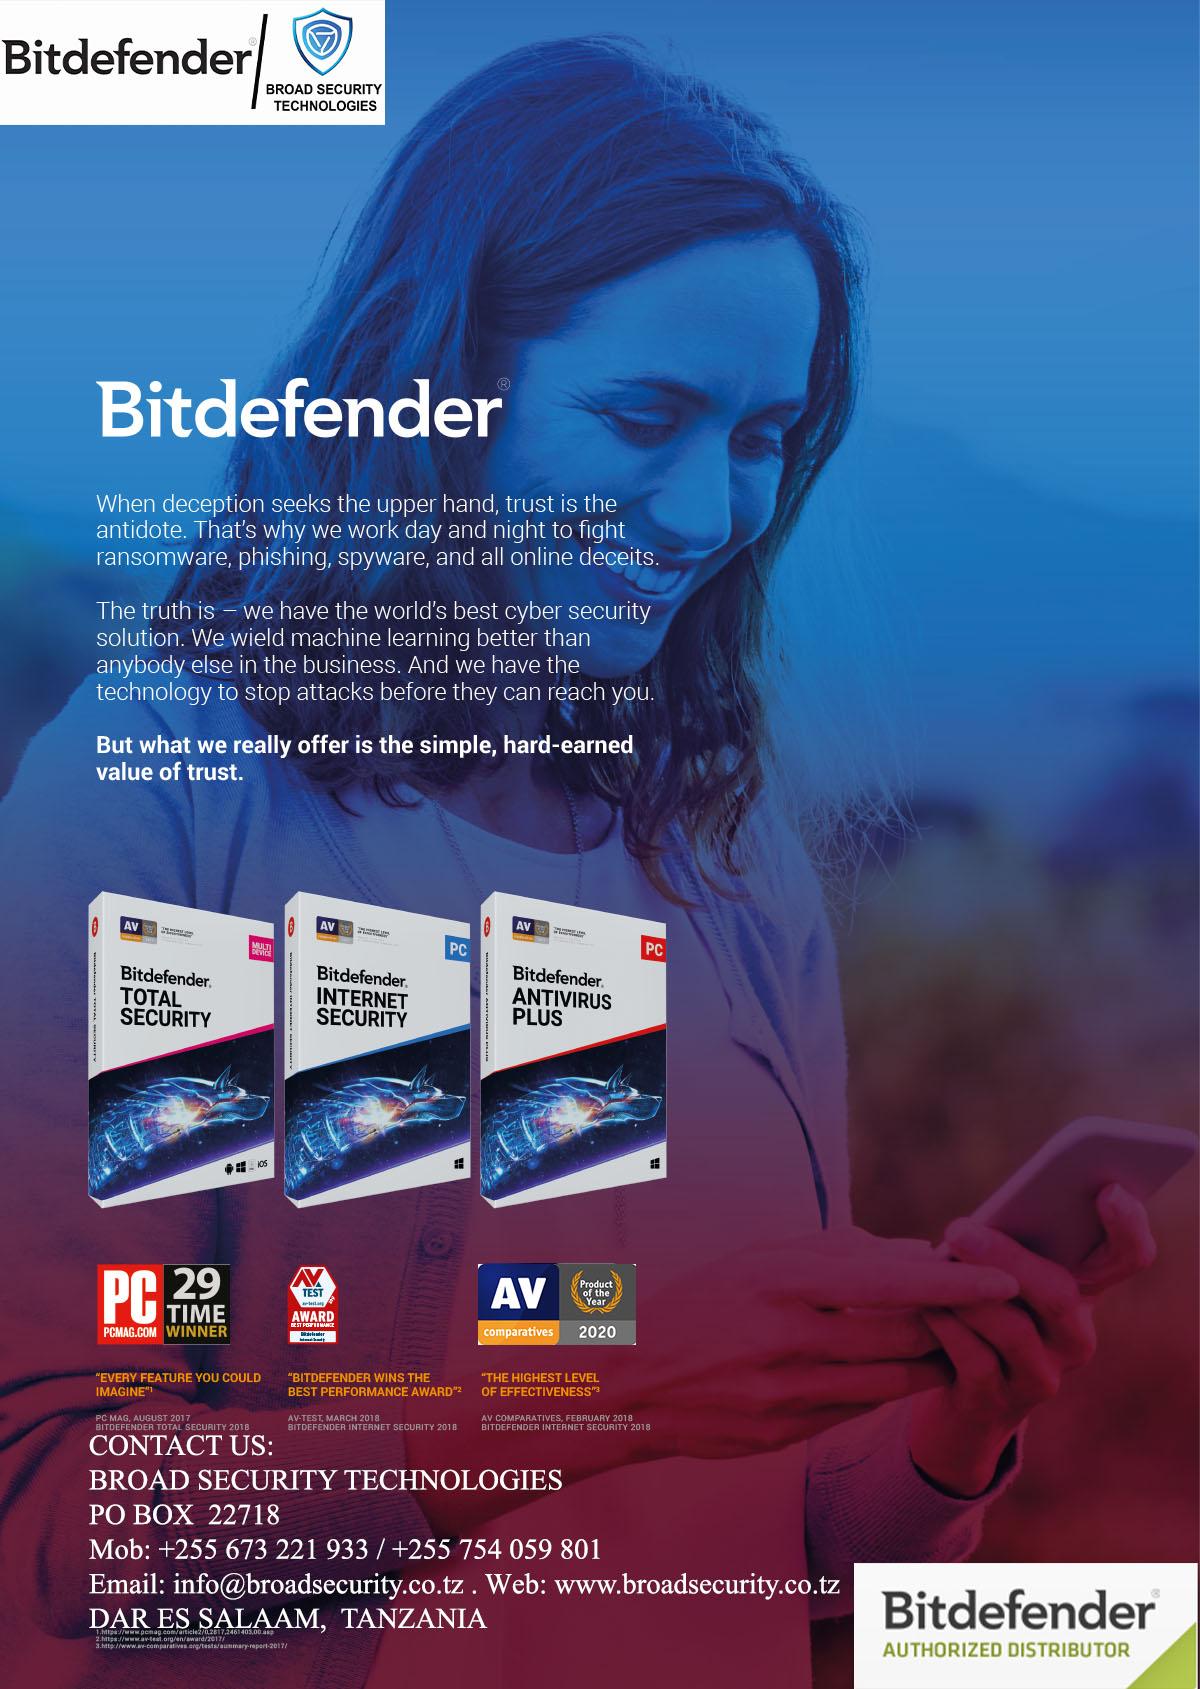 Broad-Security-Technoogies-Bitdefender